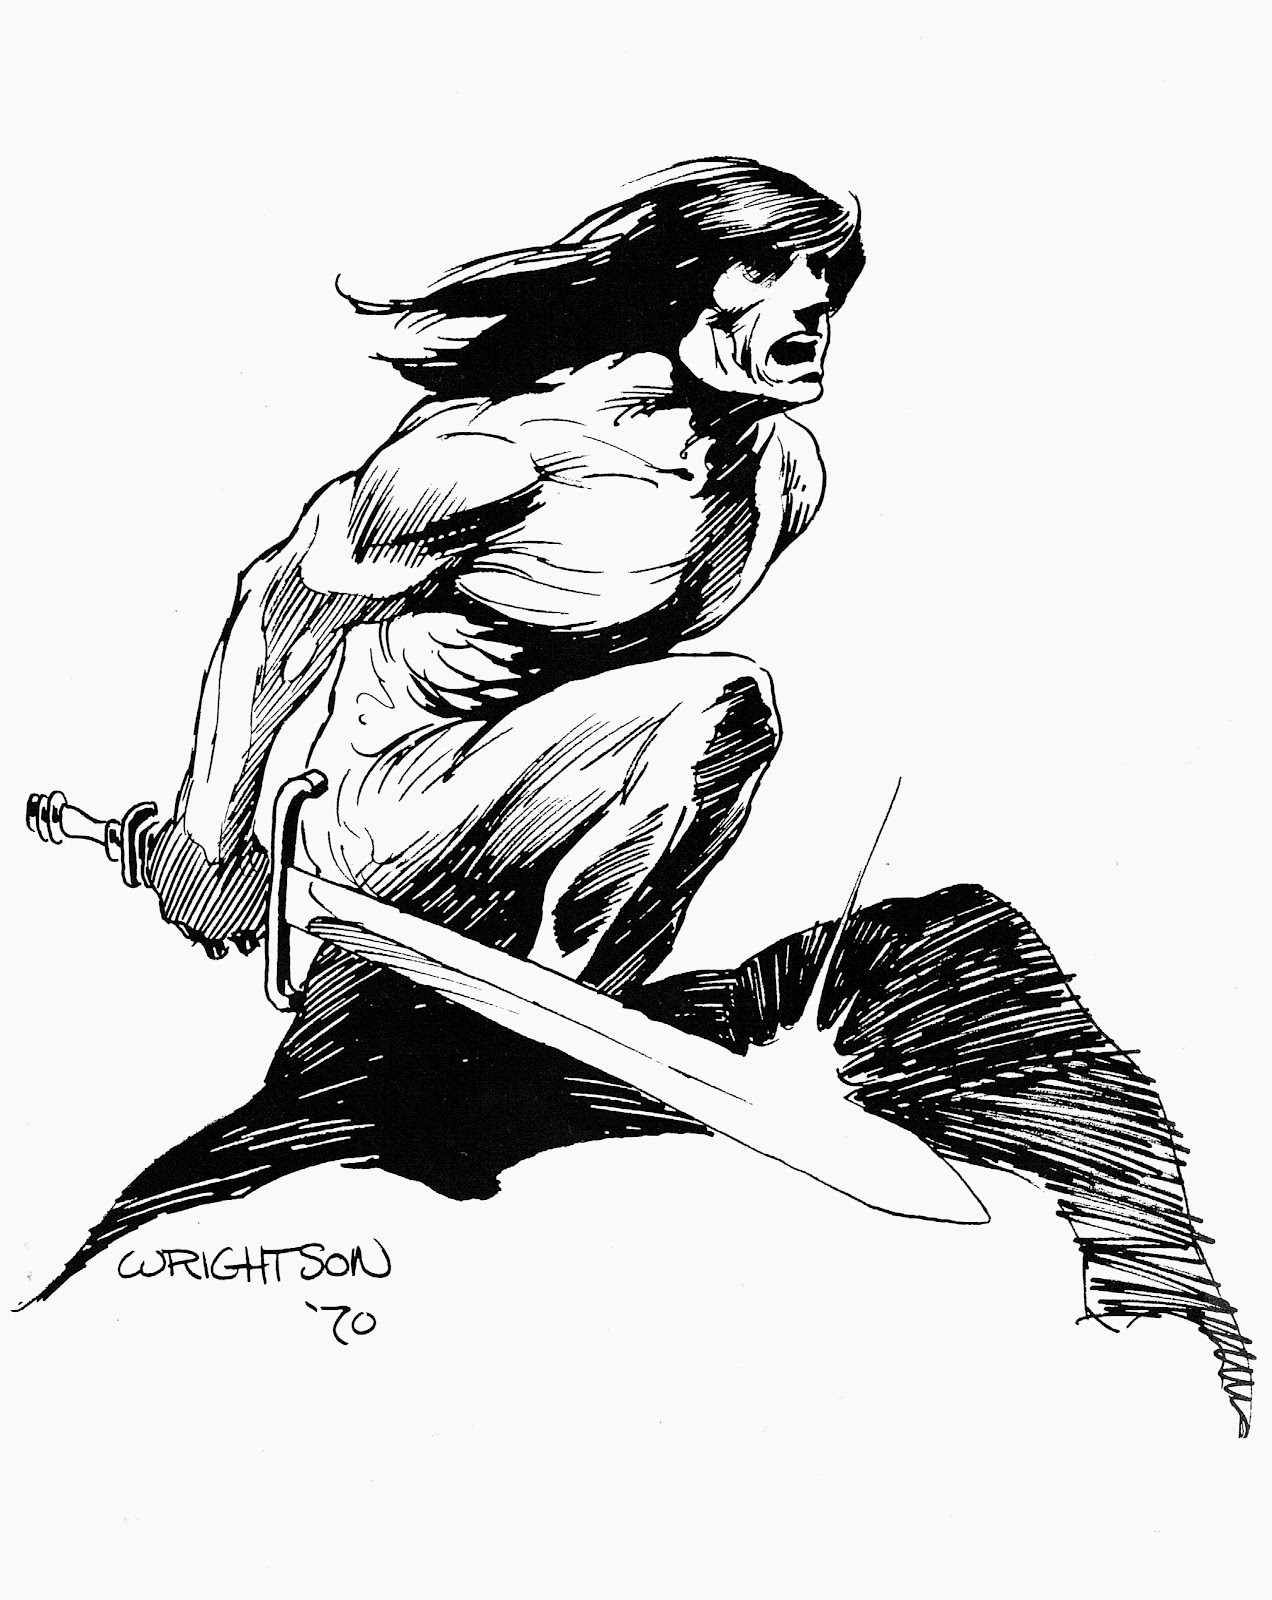 Cap'n's Comics: Conan Black'n whites by Berni Wrightson